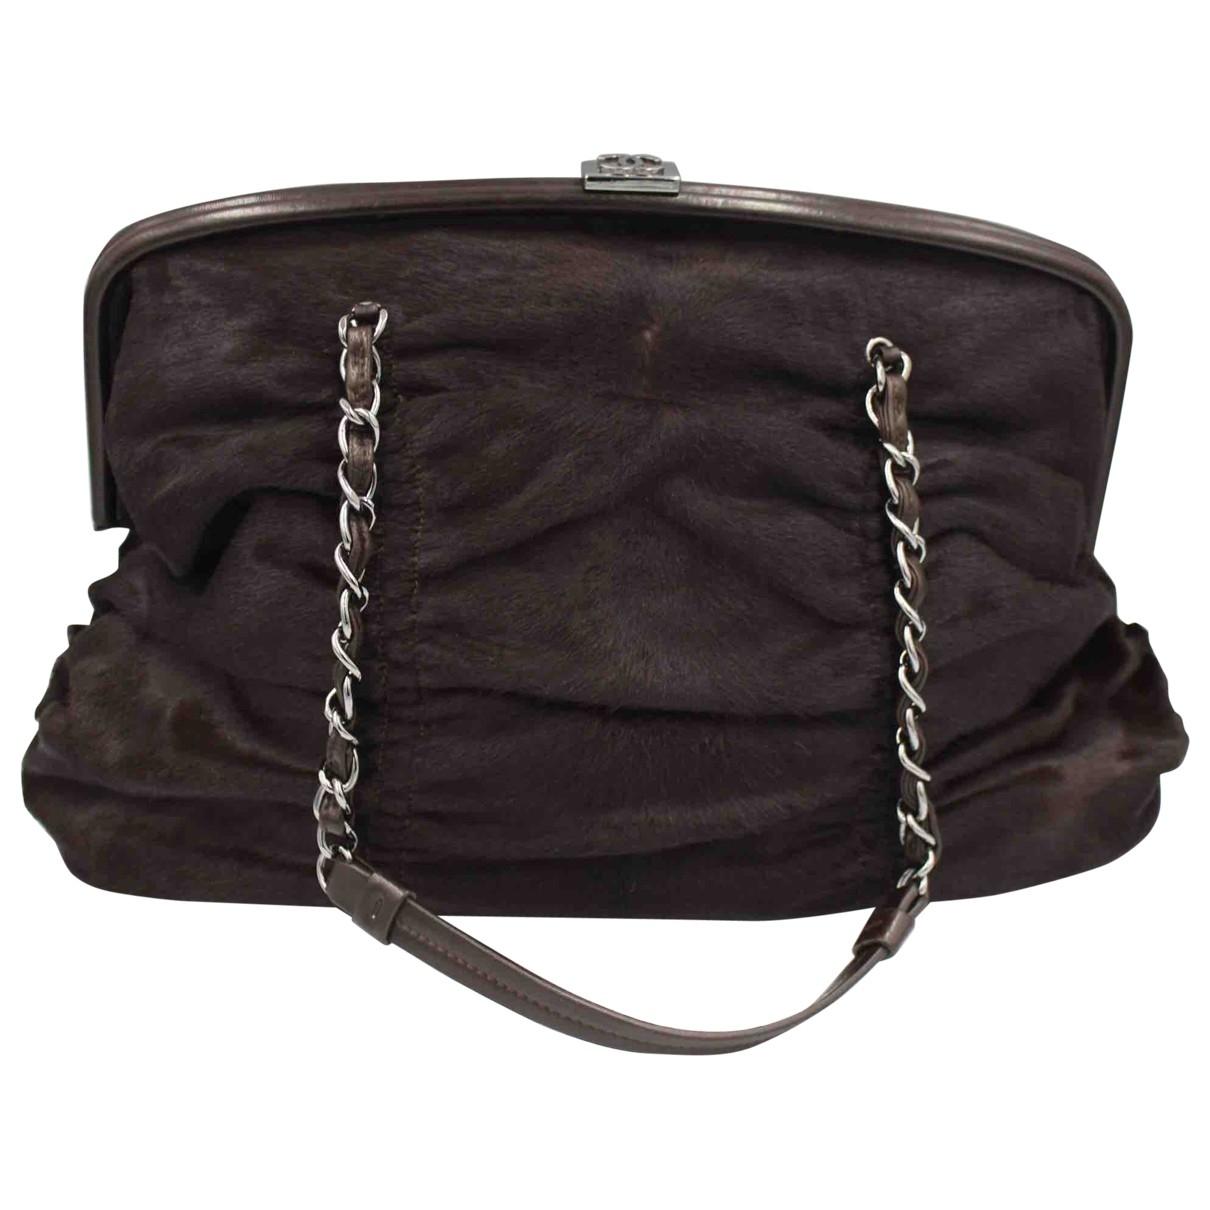 Chanel - Sac a main   pour femme en veau facon poulain - noir